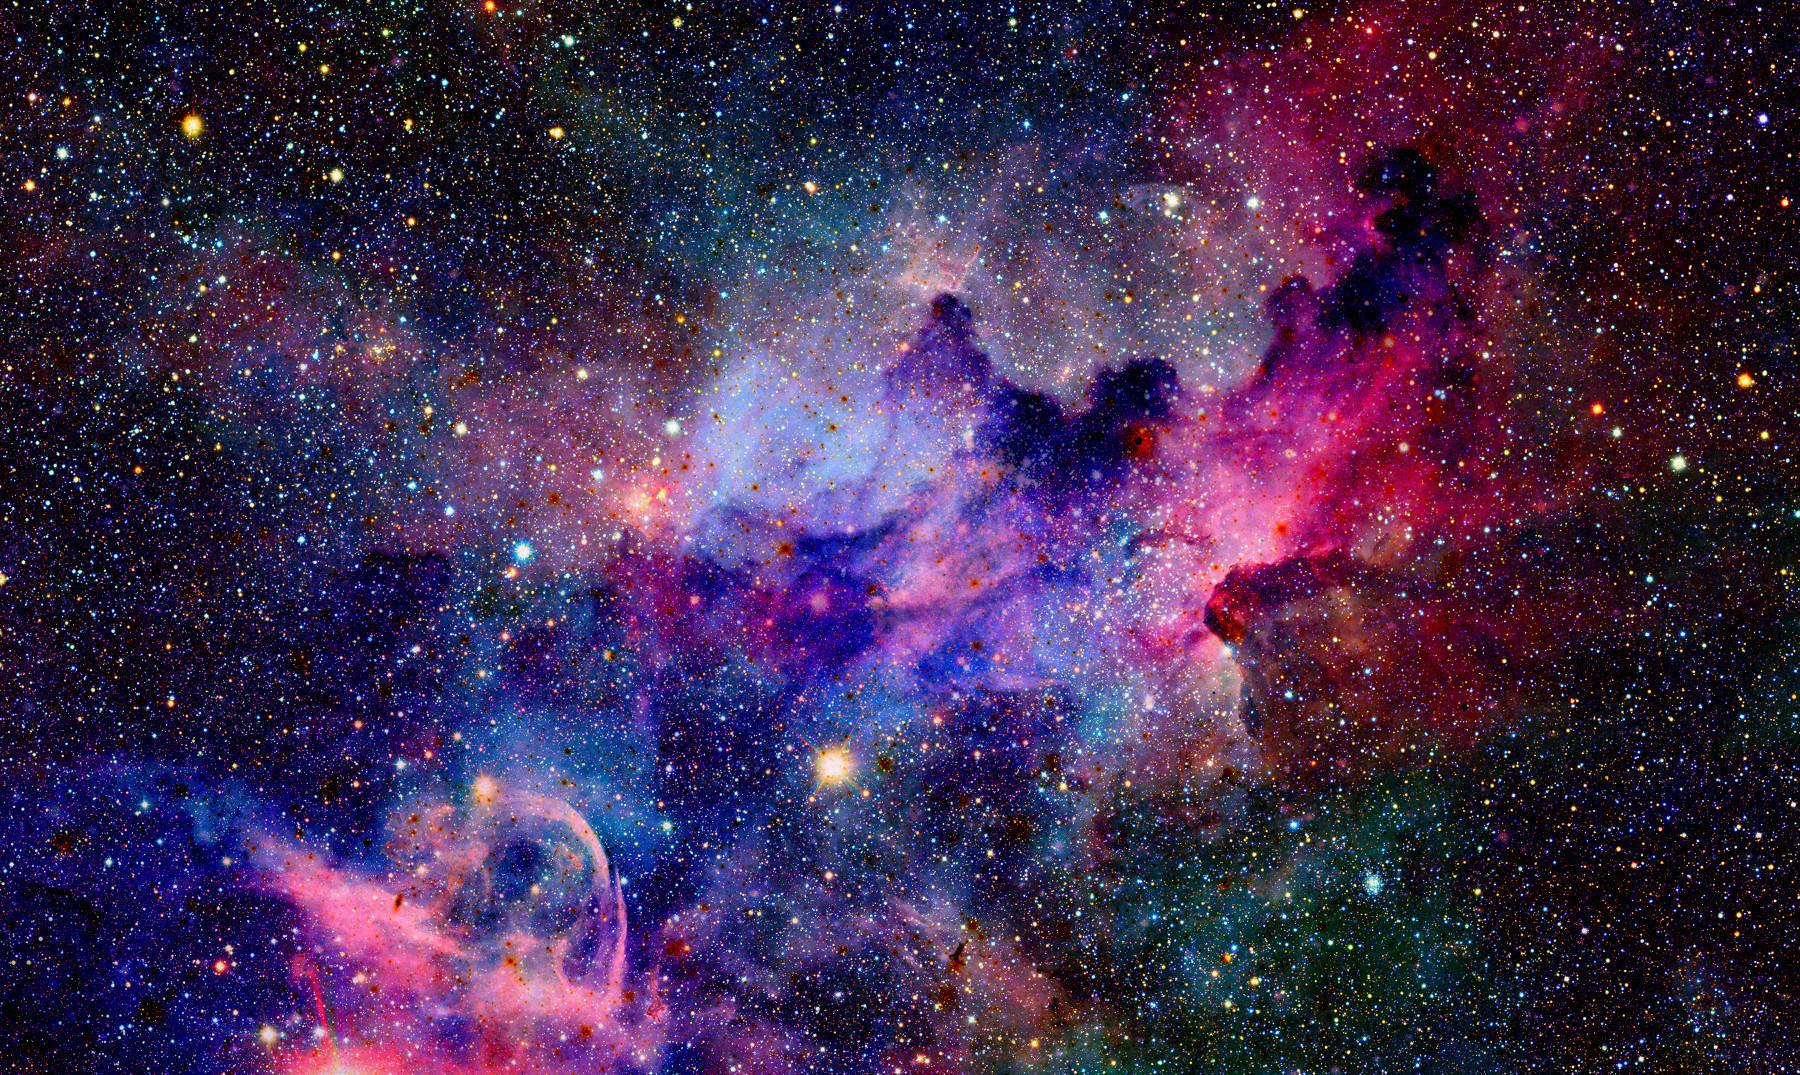 3… 2… 1… La Lluna, L'Espai, L'Univers!